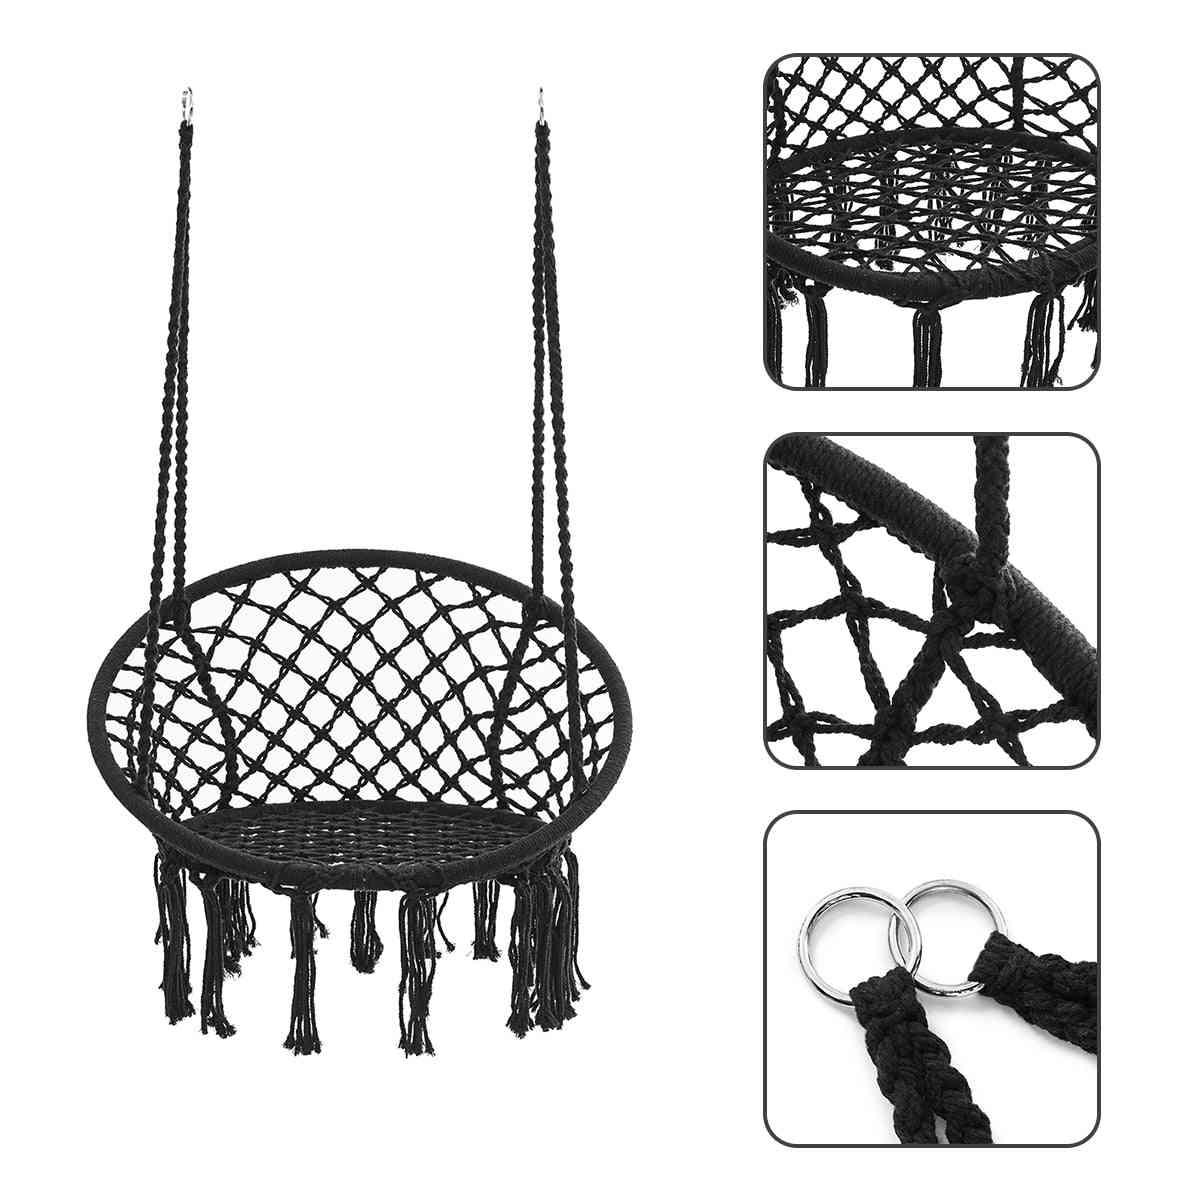 Round Hammock Chair